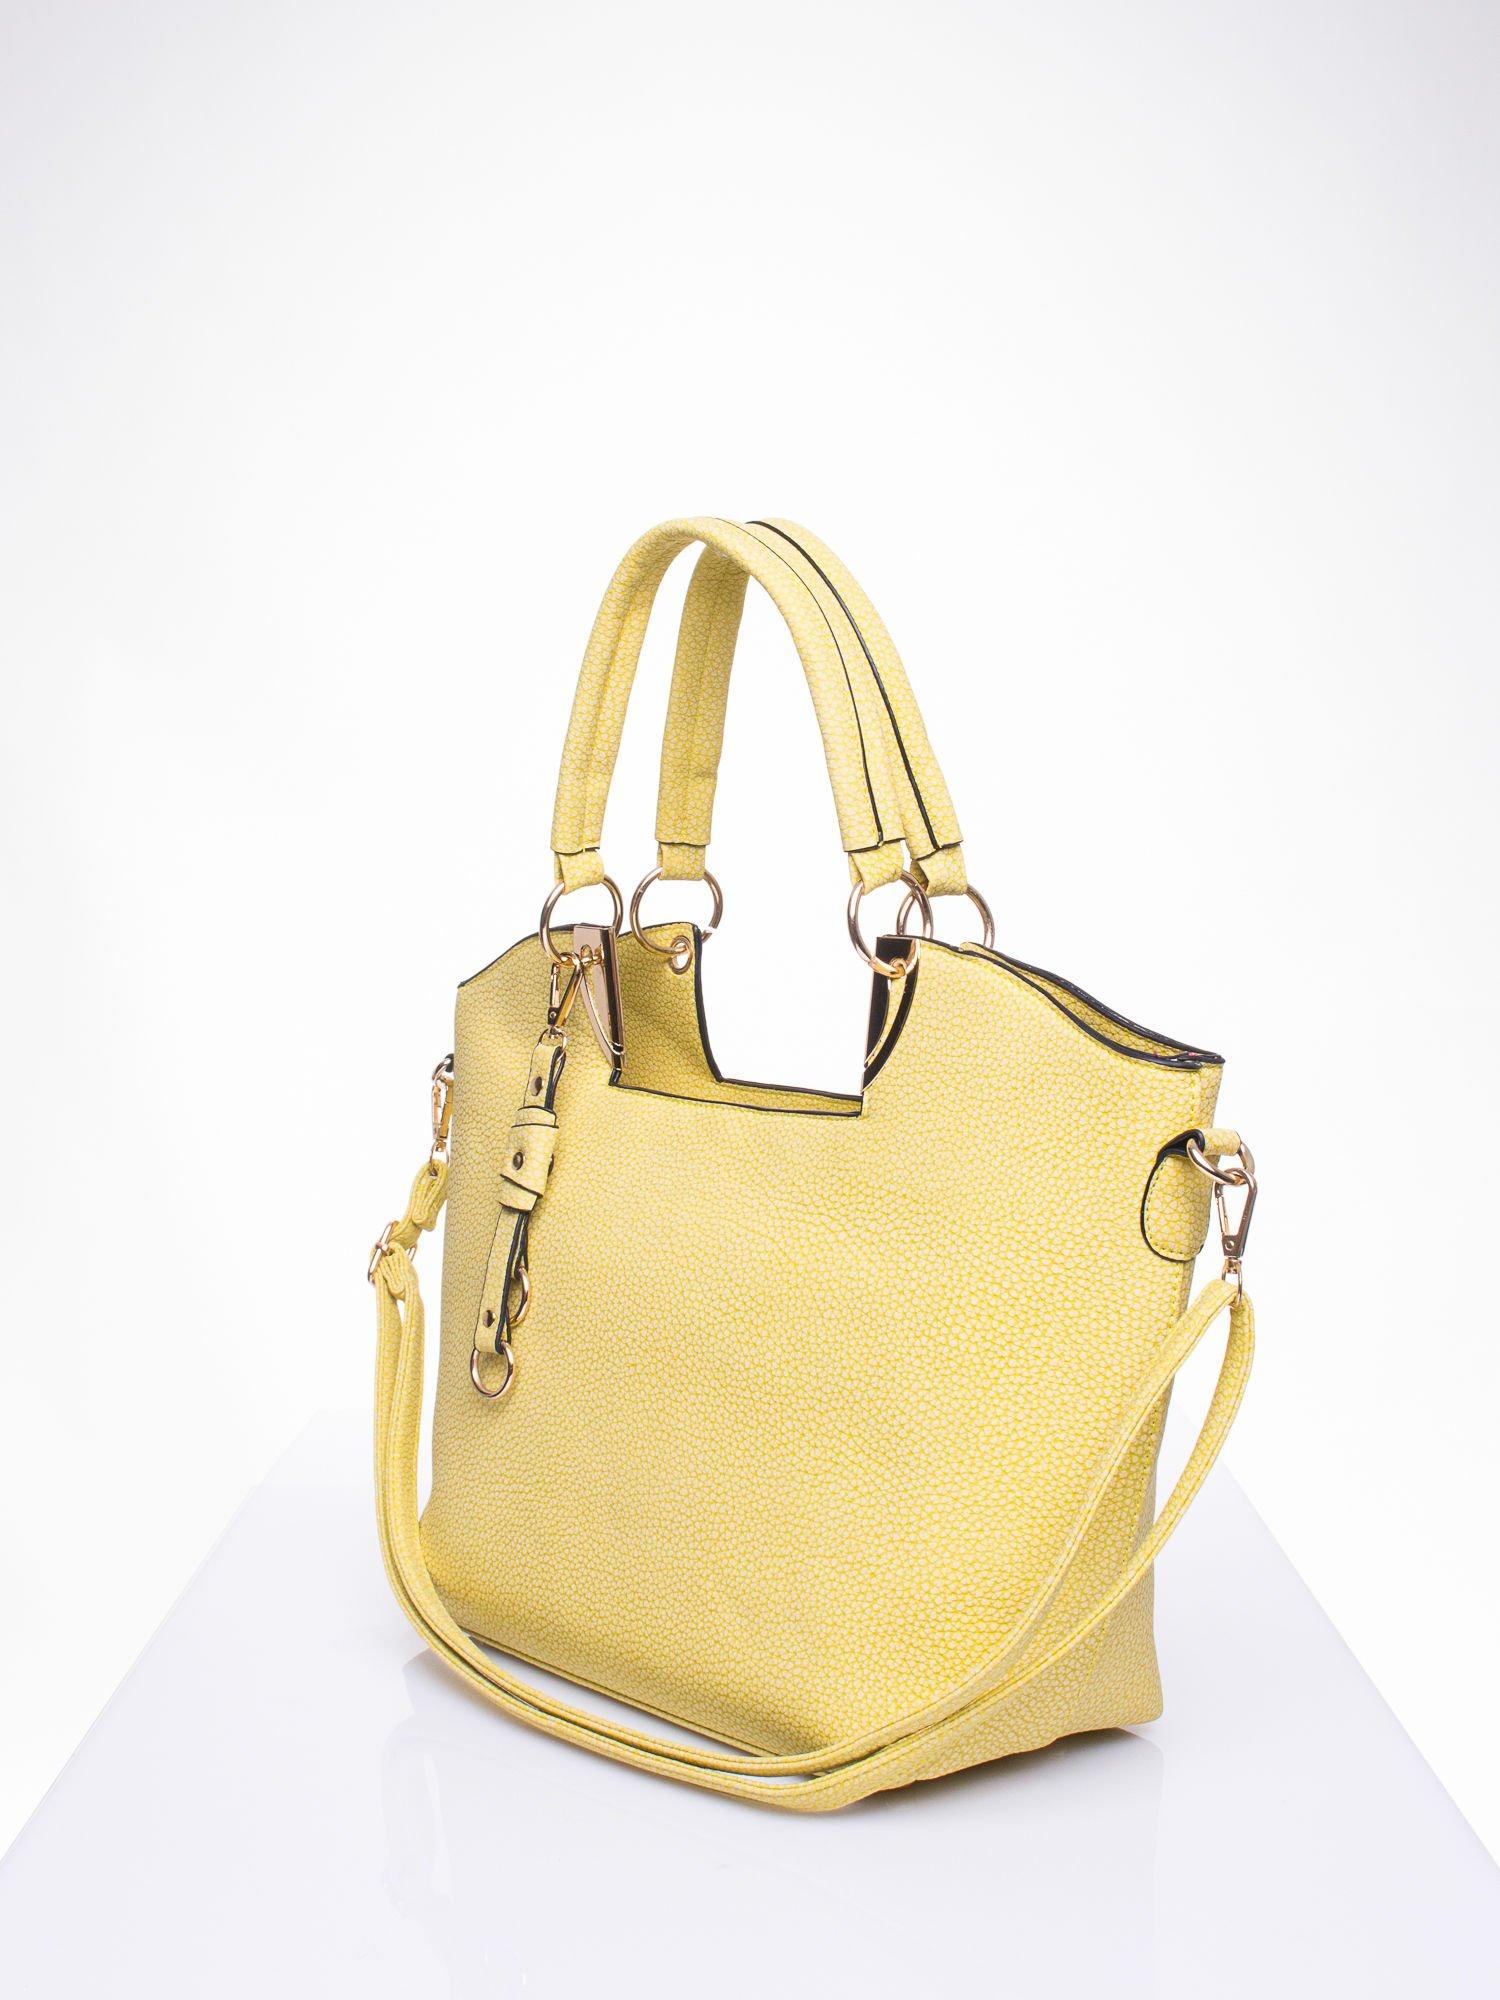 Żółta torebka miejska z ozdobną przypinką                                  zdj.                                  2